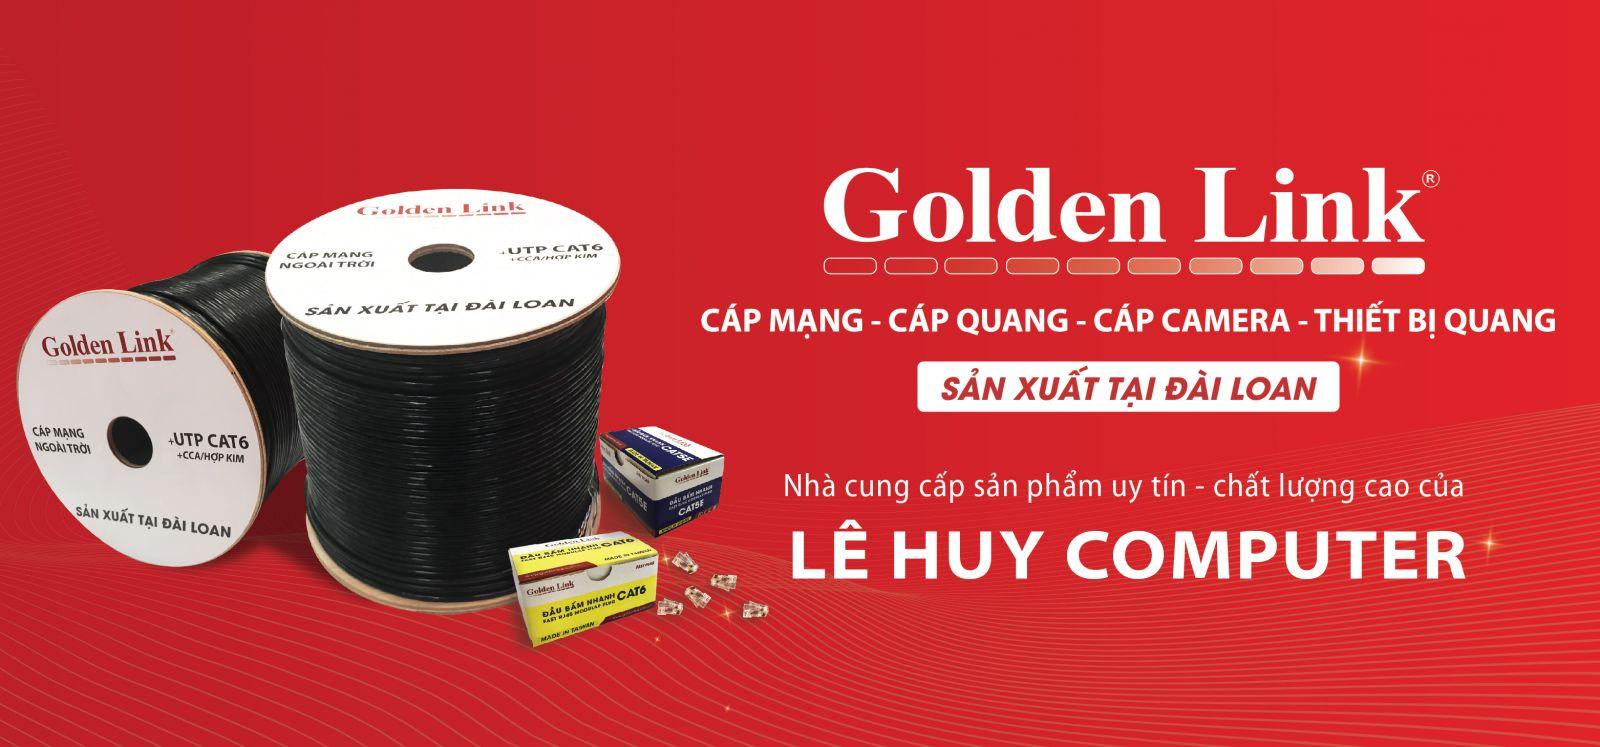 Cáp Golden Link